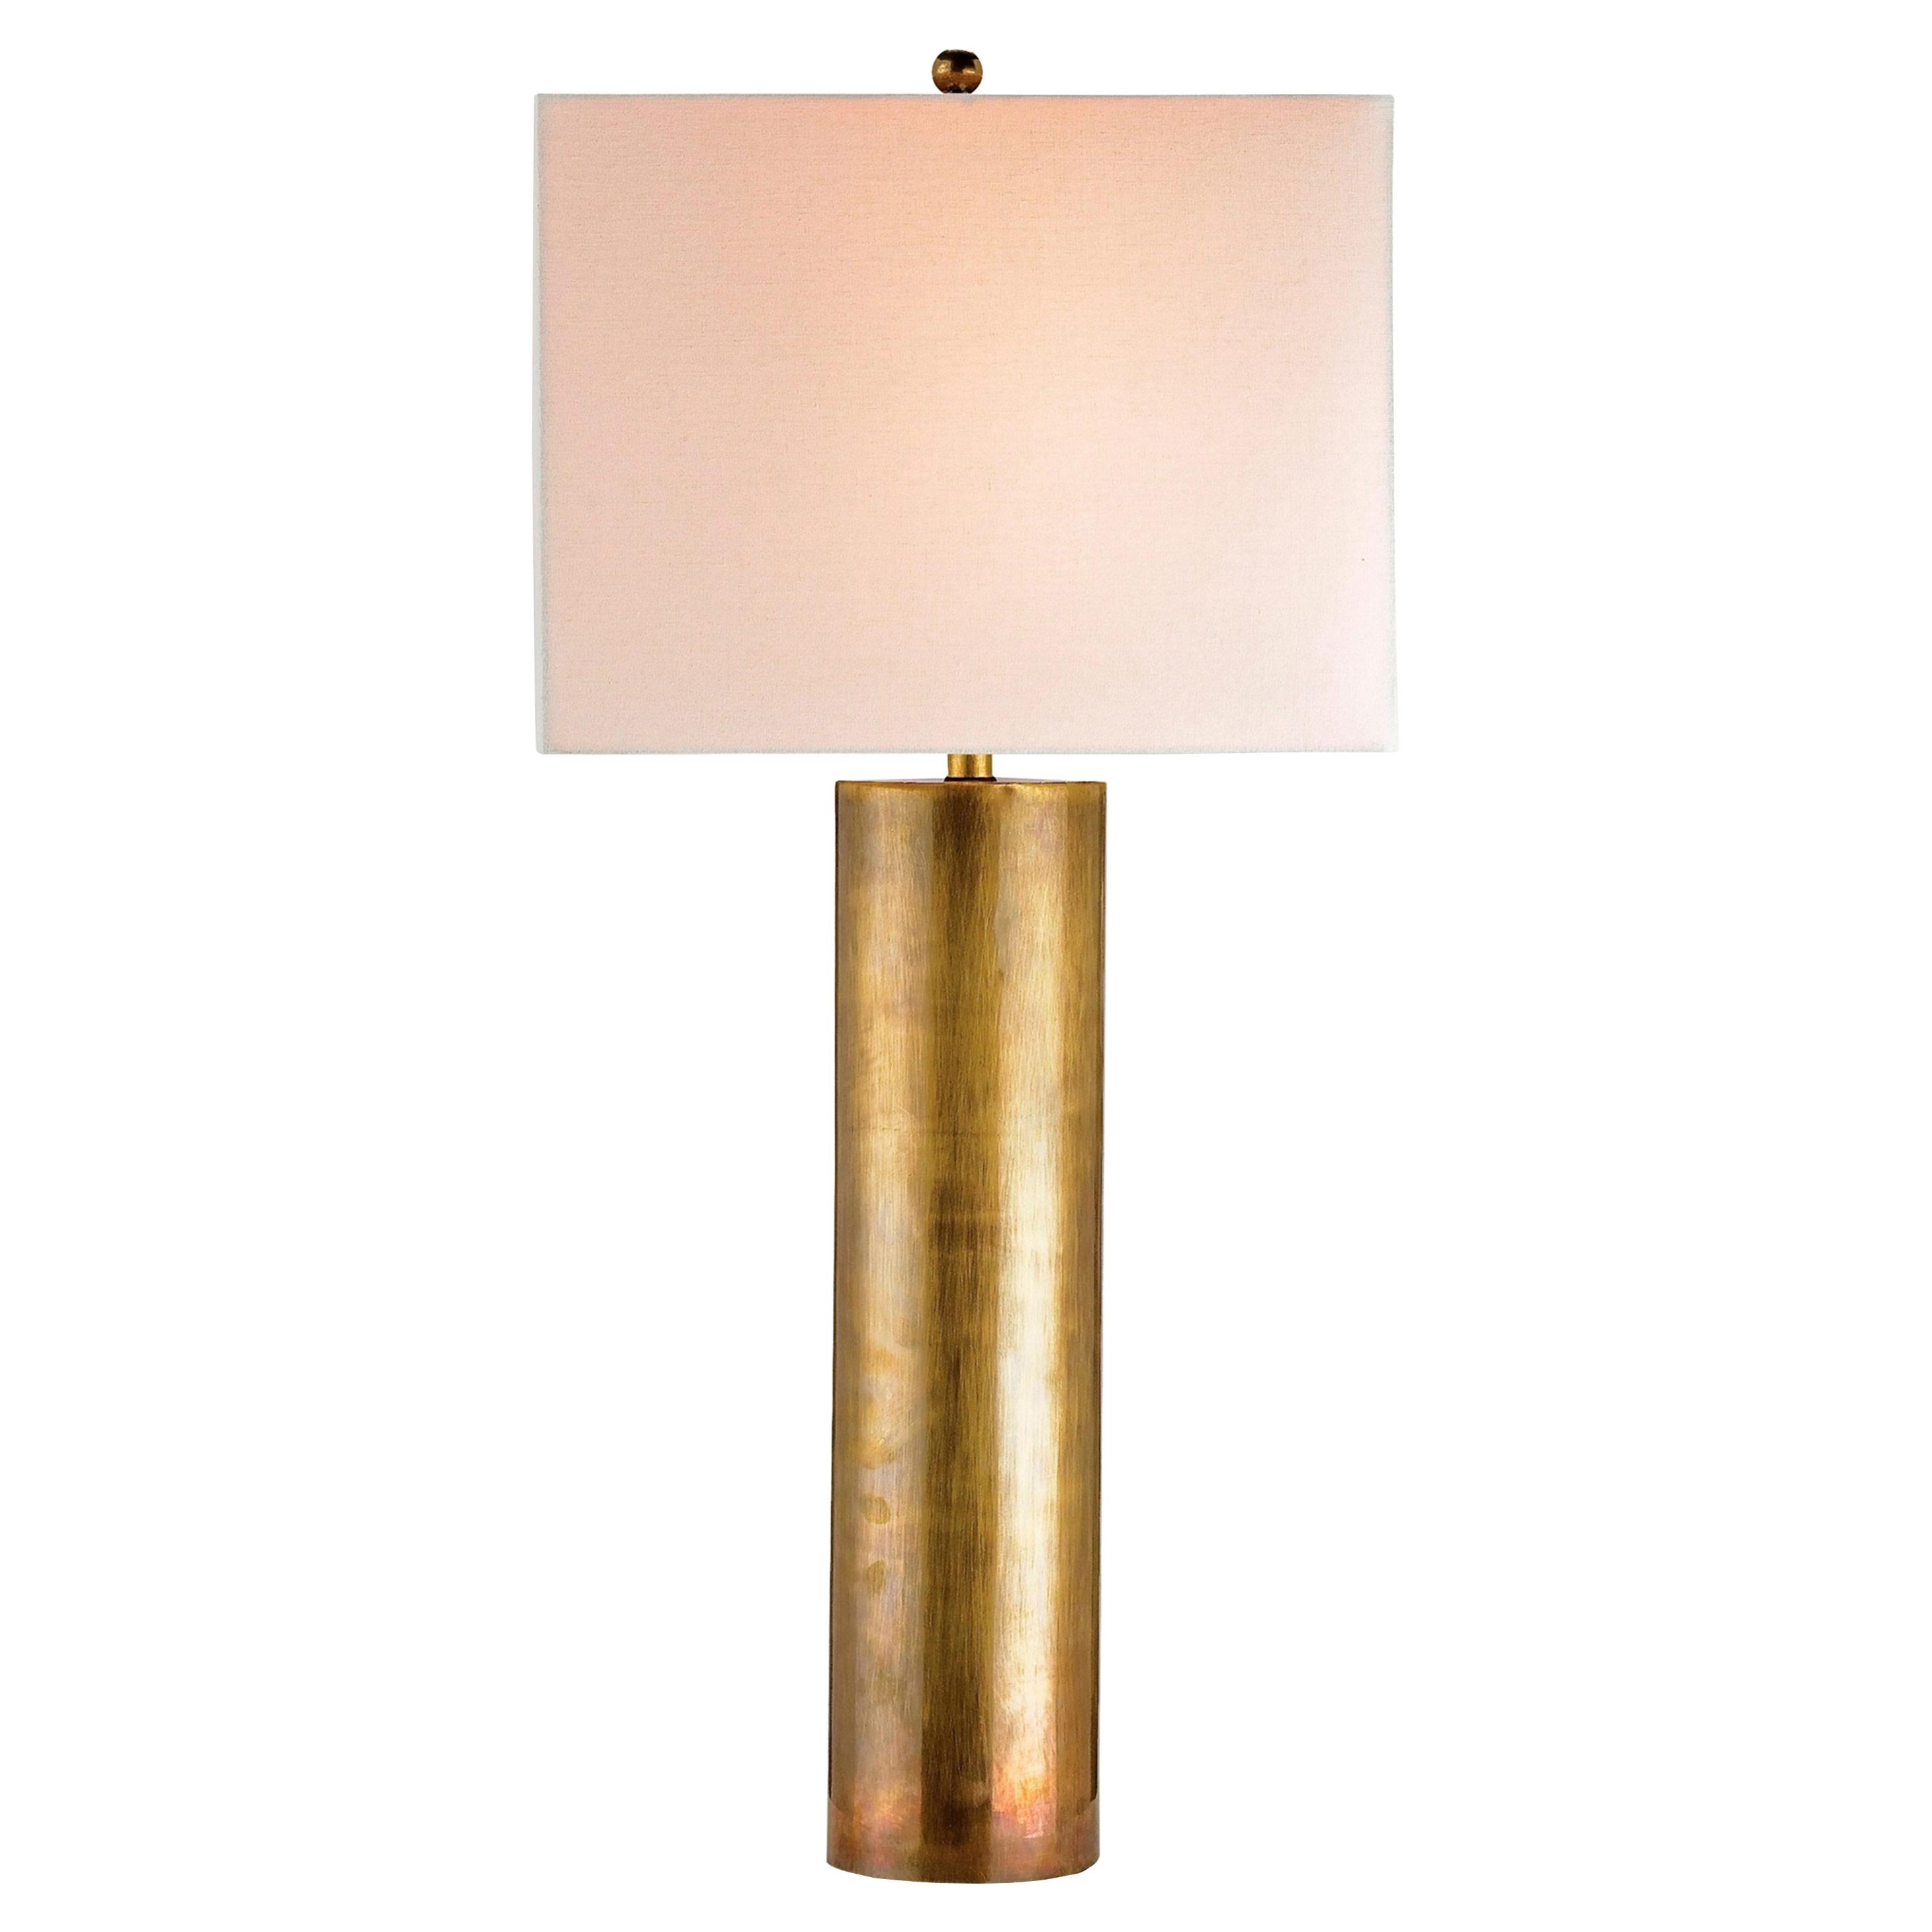 Vasco Loft Regency Vintage Brass Column Table Lamp